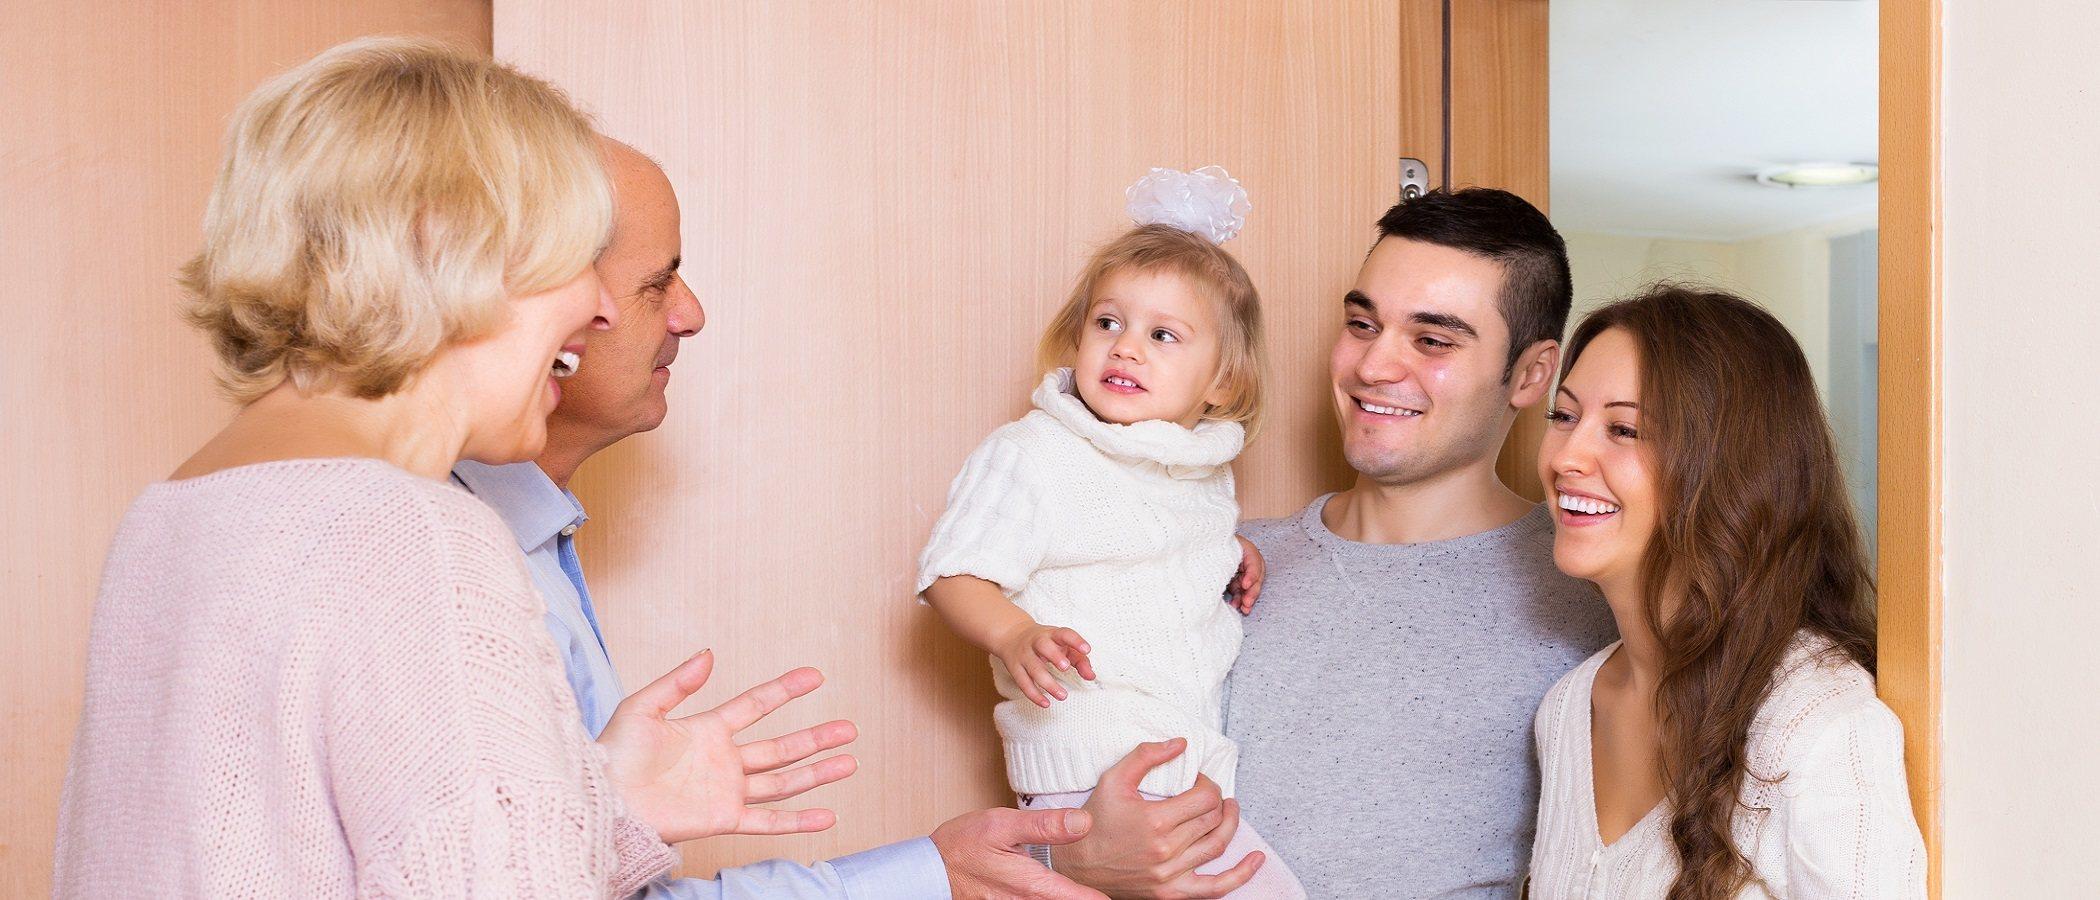 Cómo tener relaciones familiares saludables